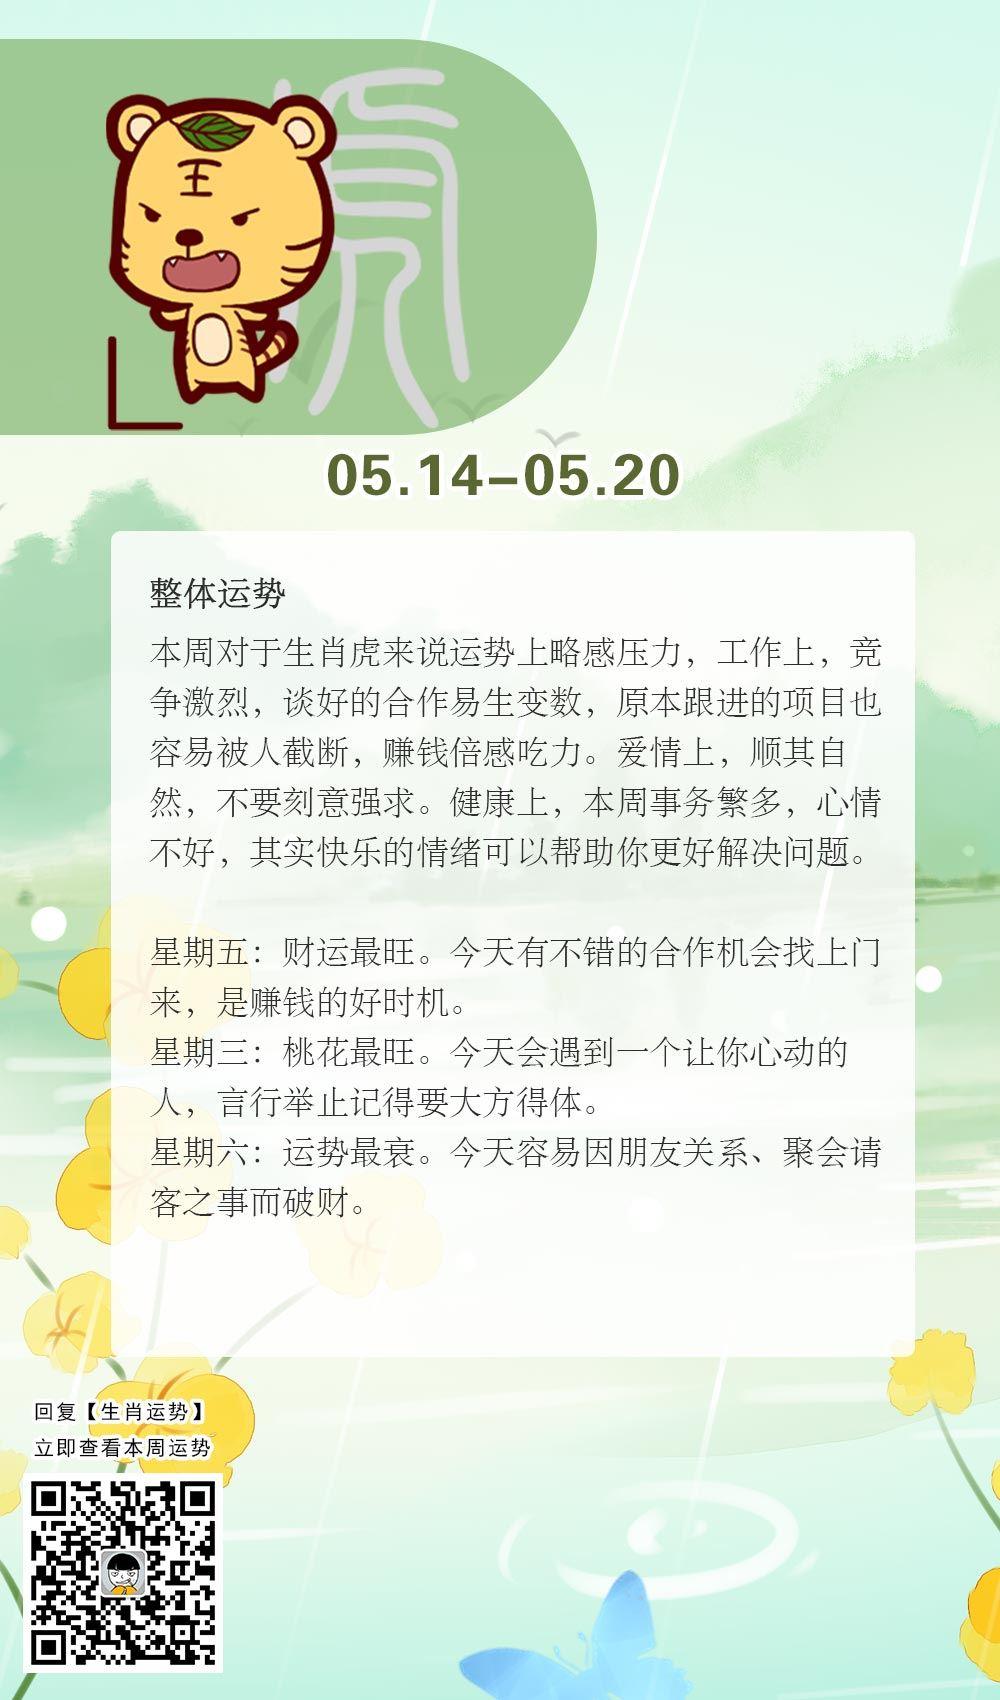 生肖虎本周运势【2018.05.14-05.20】